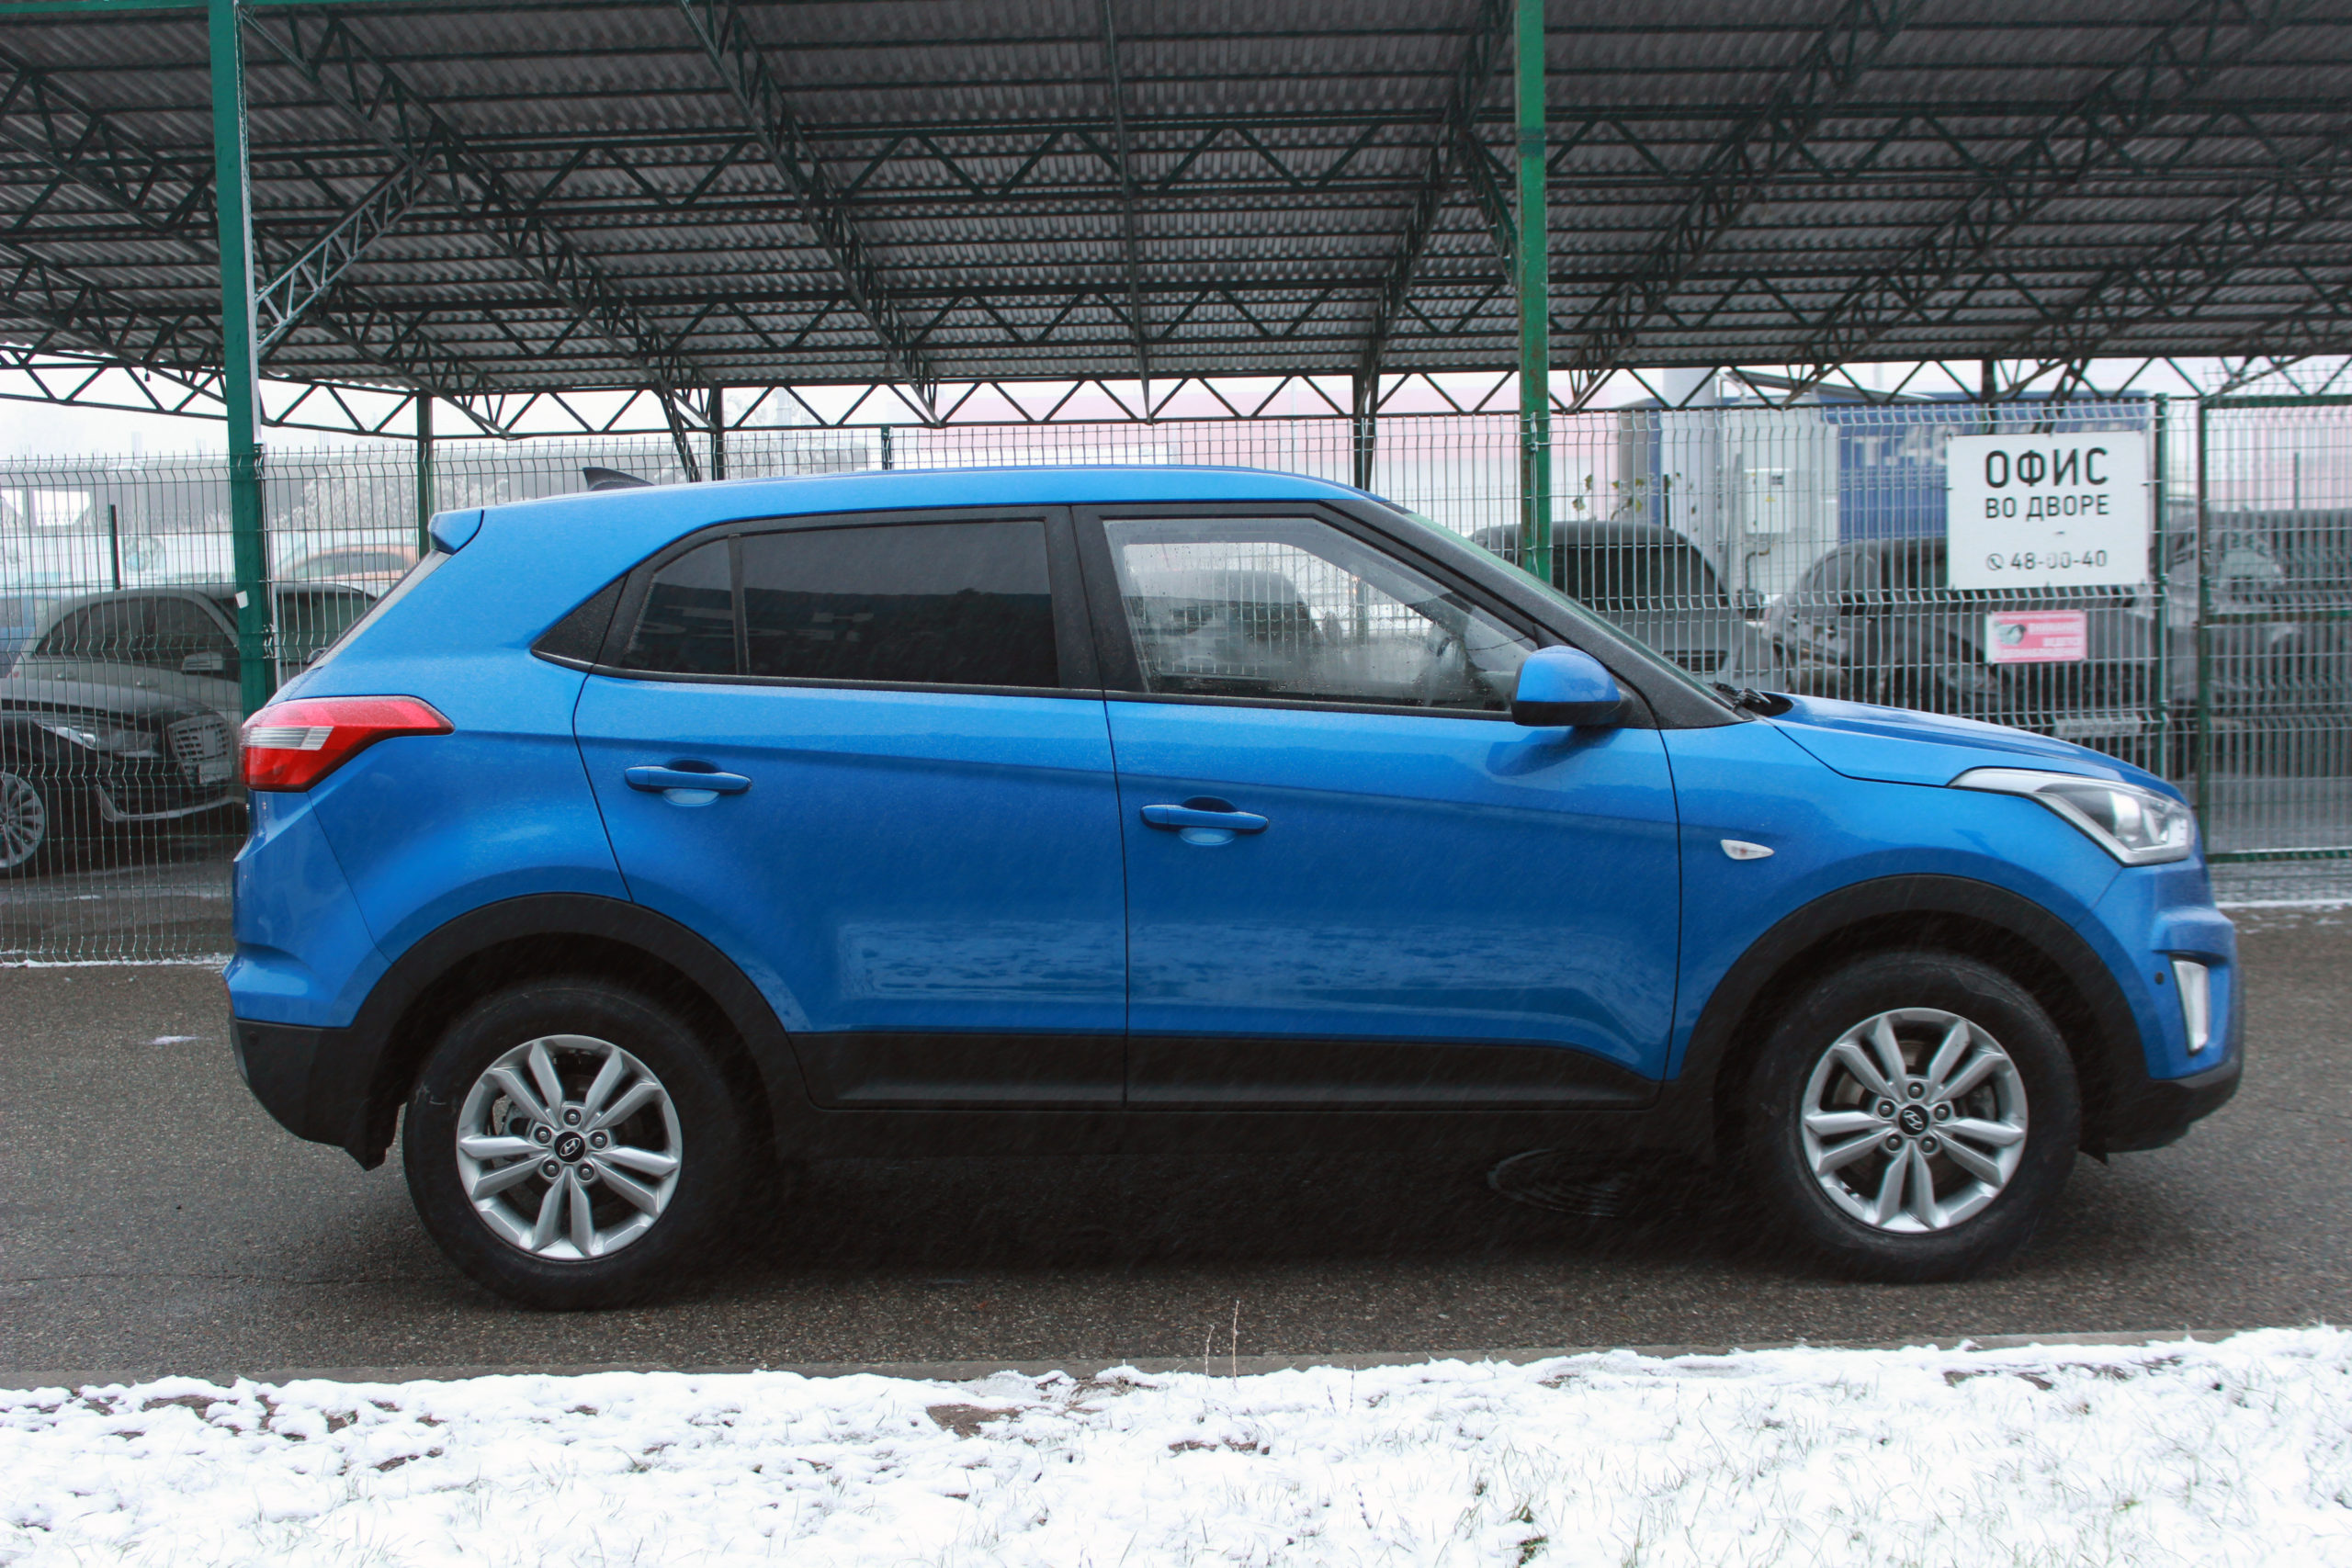 Купить Hyundai Creta (Синий) - Автопарк Ставрополь